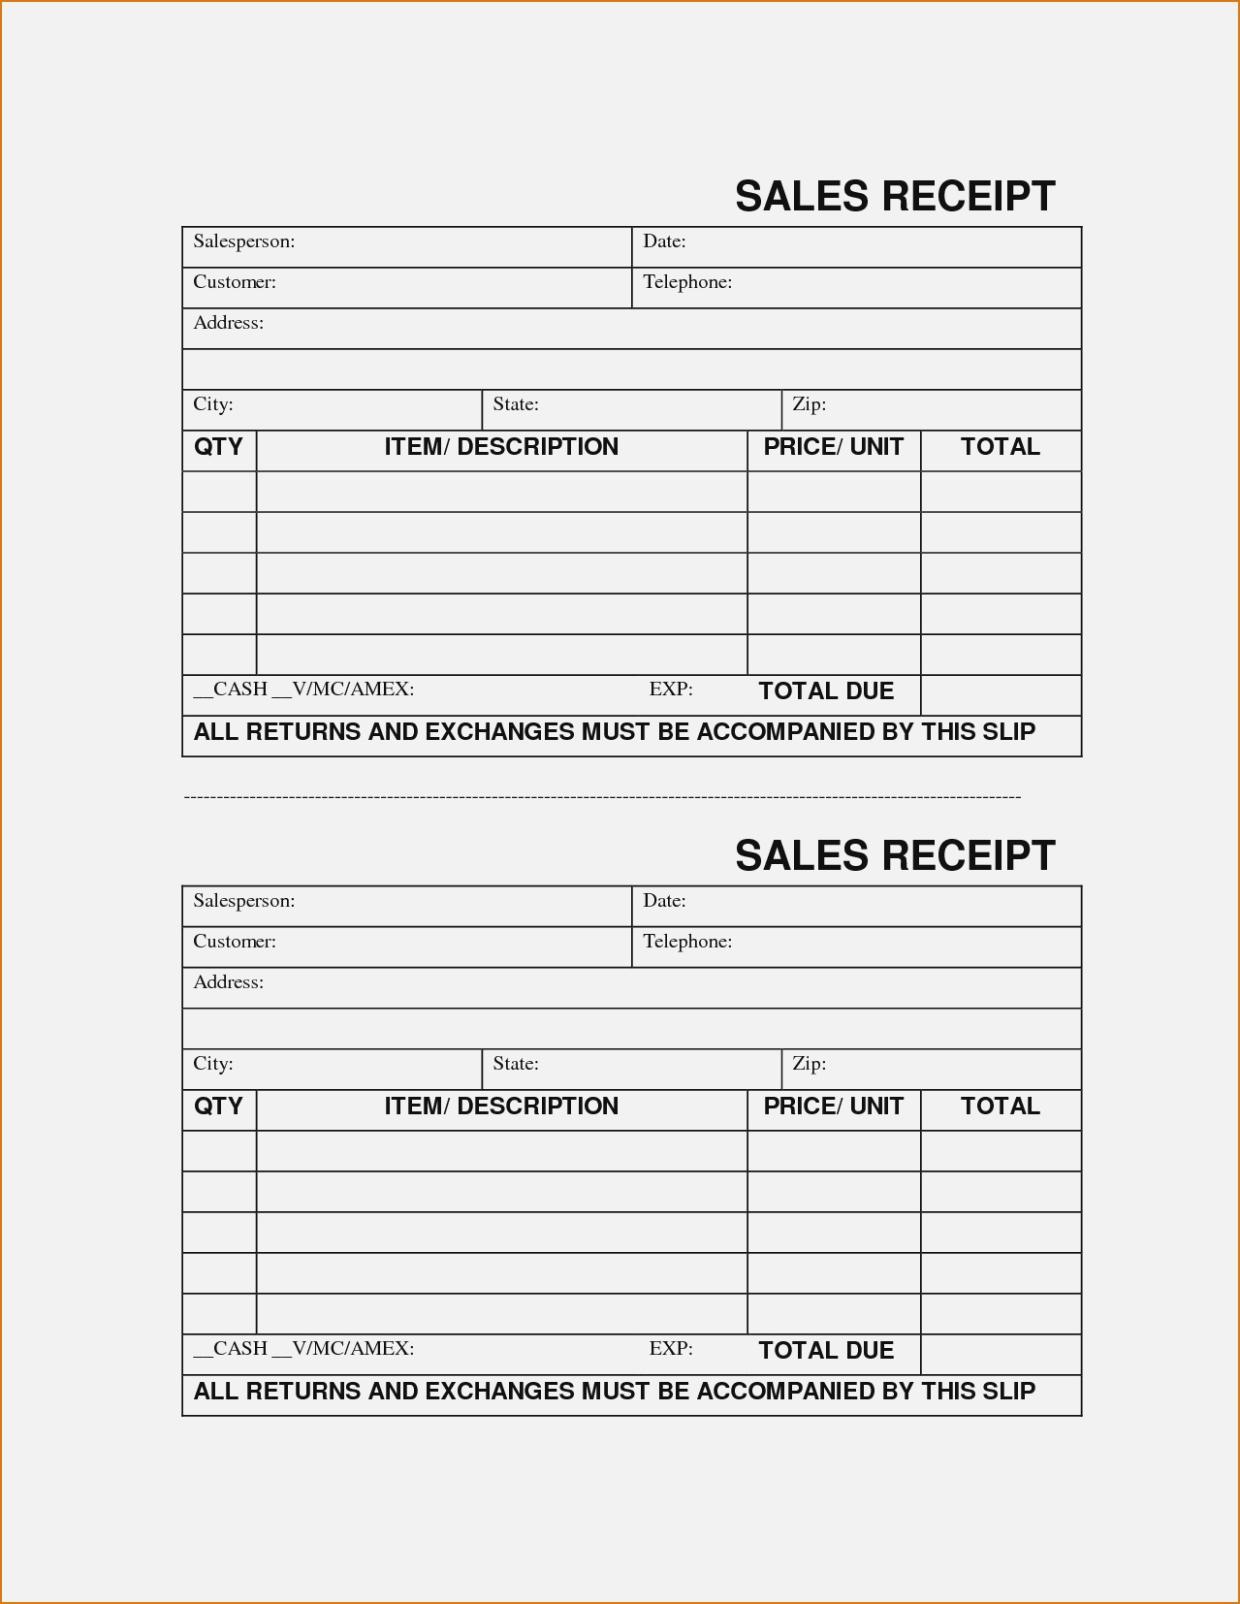 Create Printable Forms Online Sample Sales Receipt Template Lovely - Free Printable Sales Receipts Online